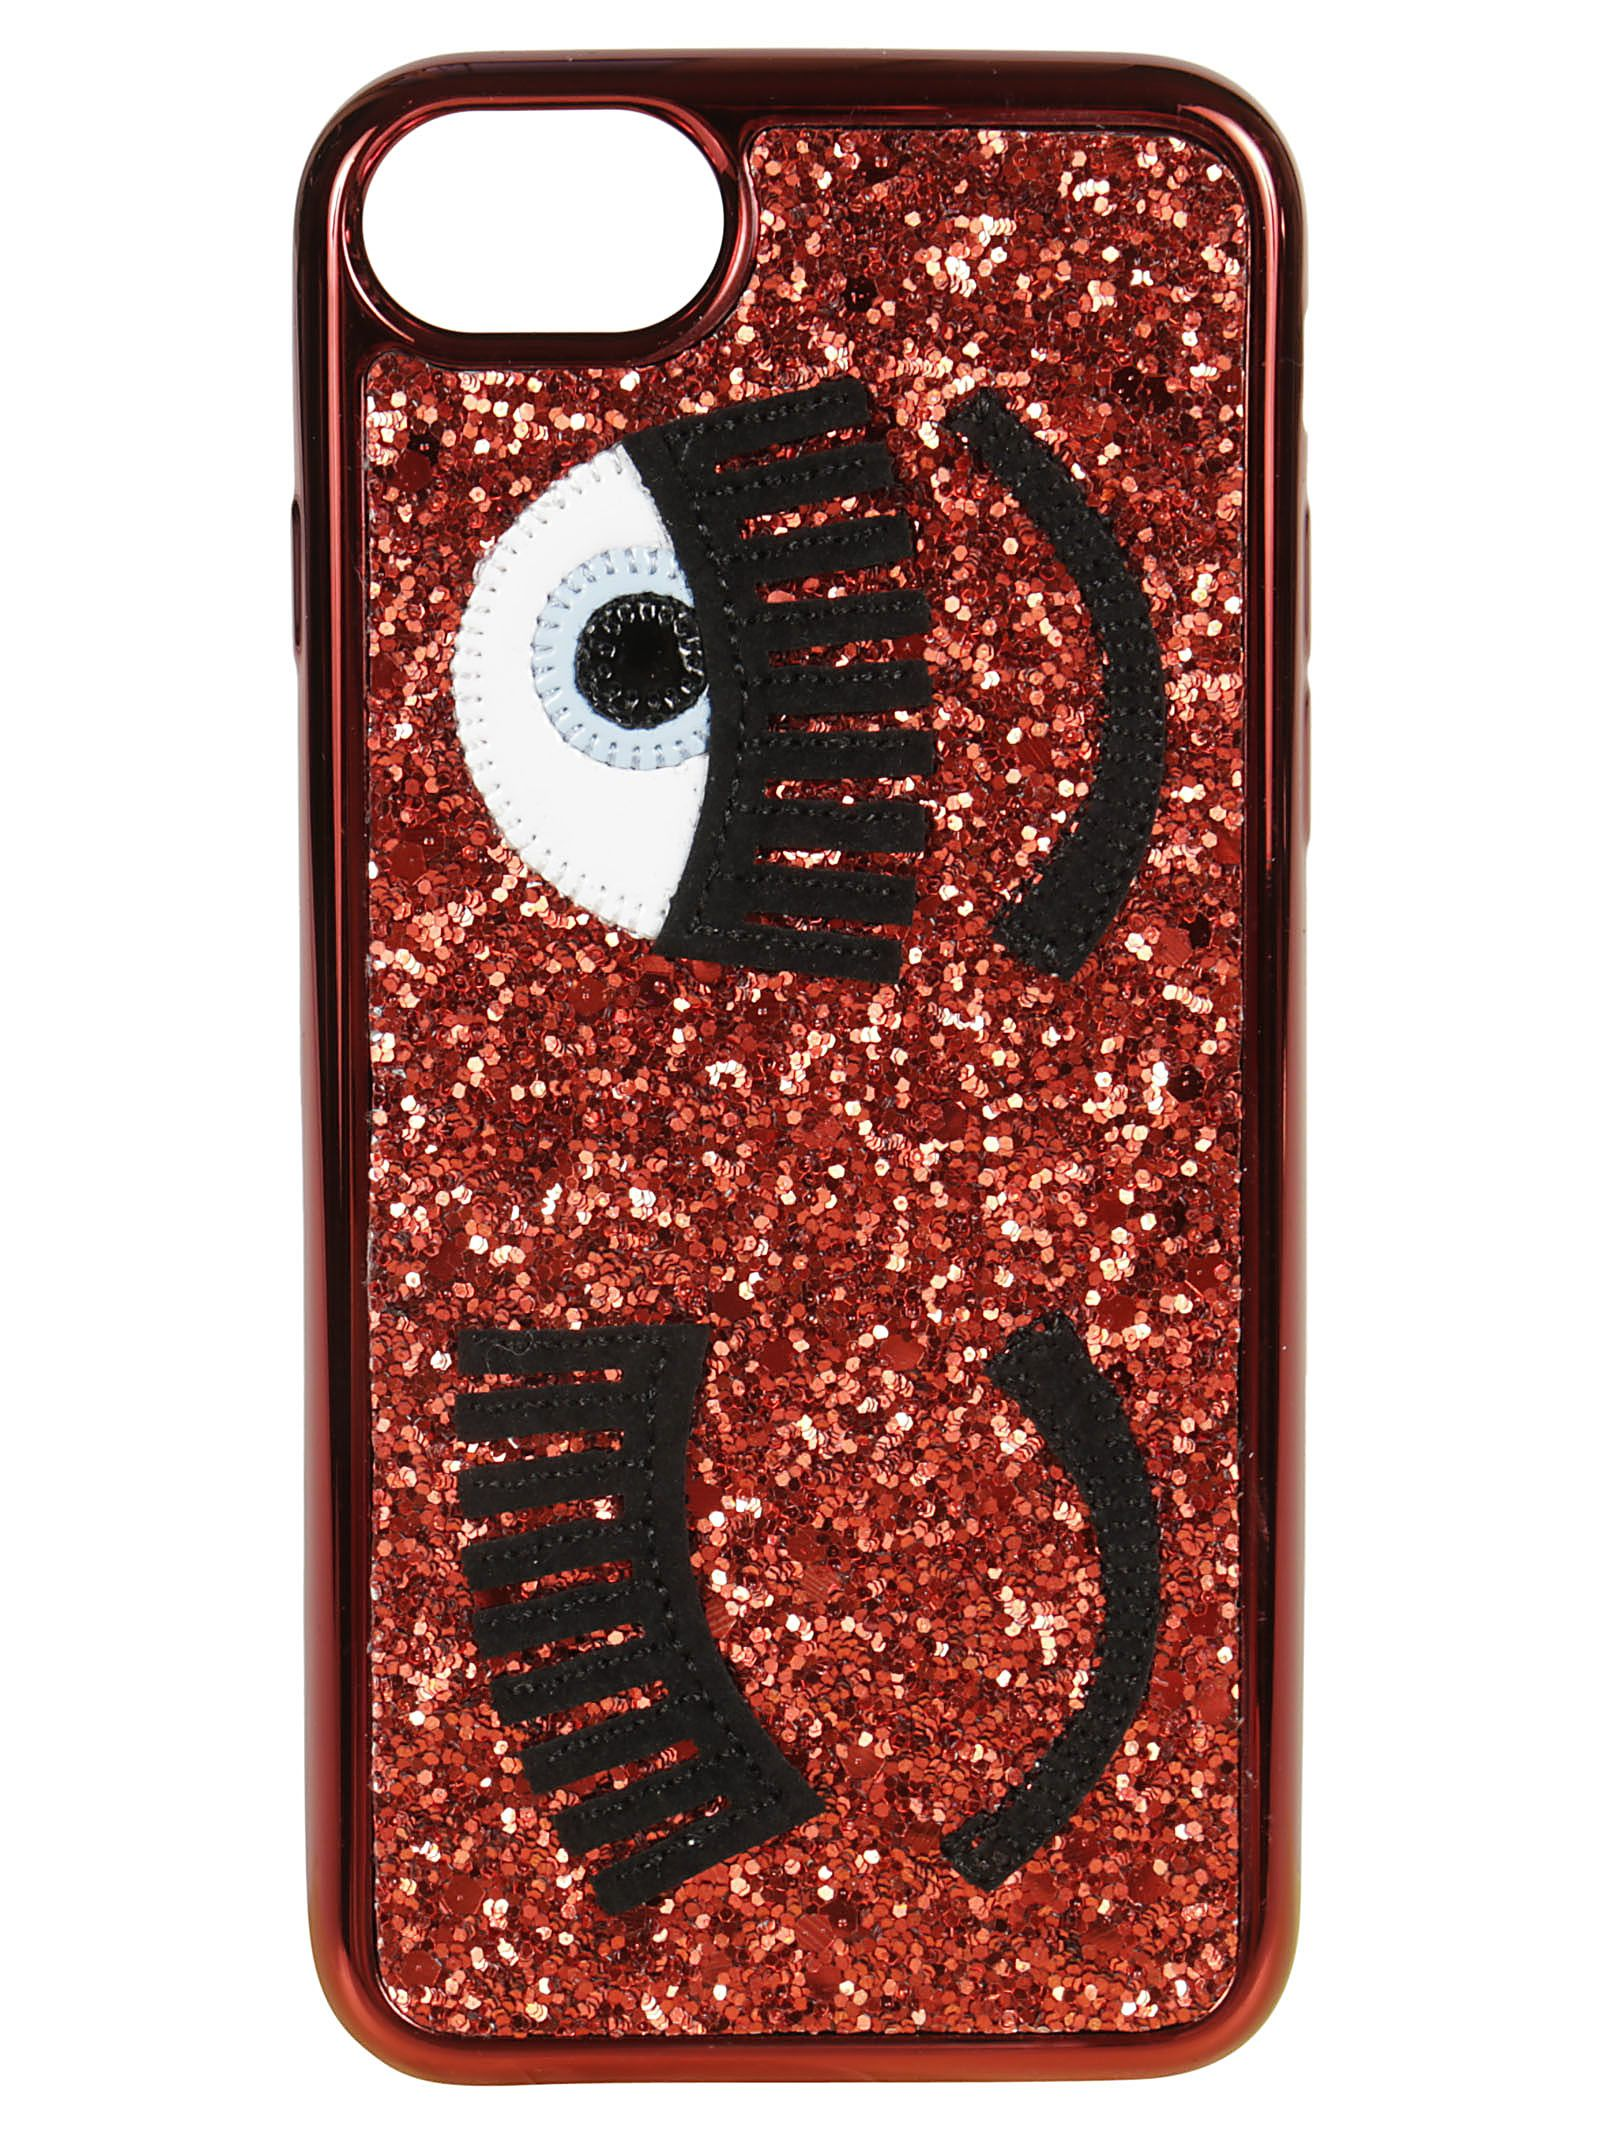 Chiara Ferragni Glittery Iphone 8 Cover